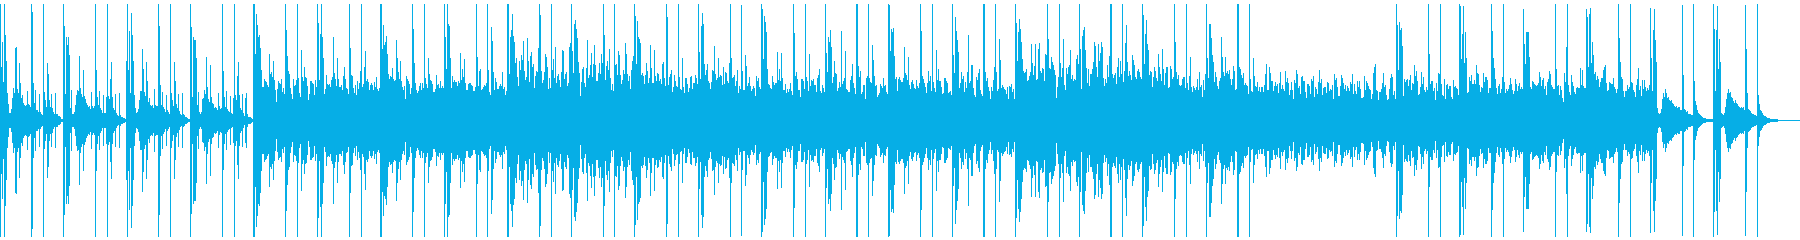 謎の古代遺跡 打楽器 プリミティブなの再生済みの波形